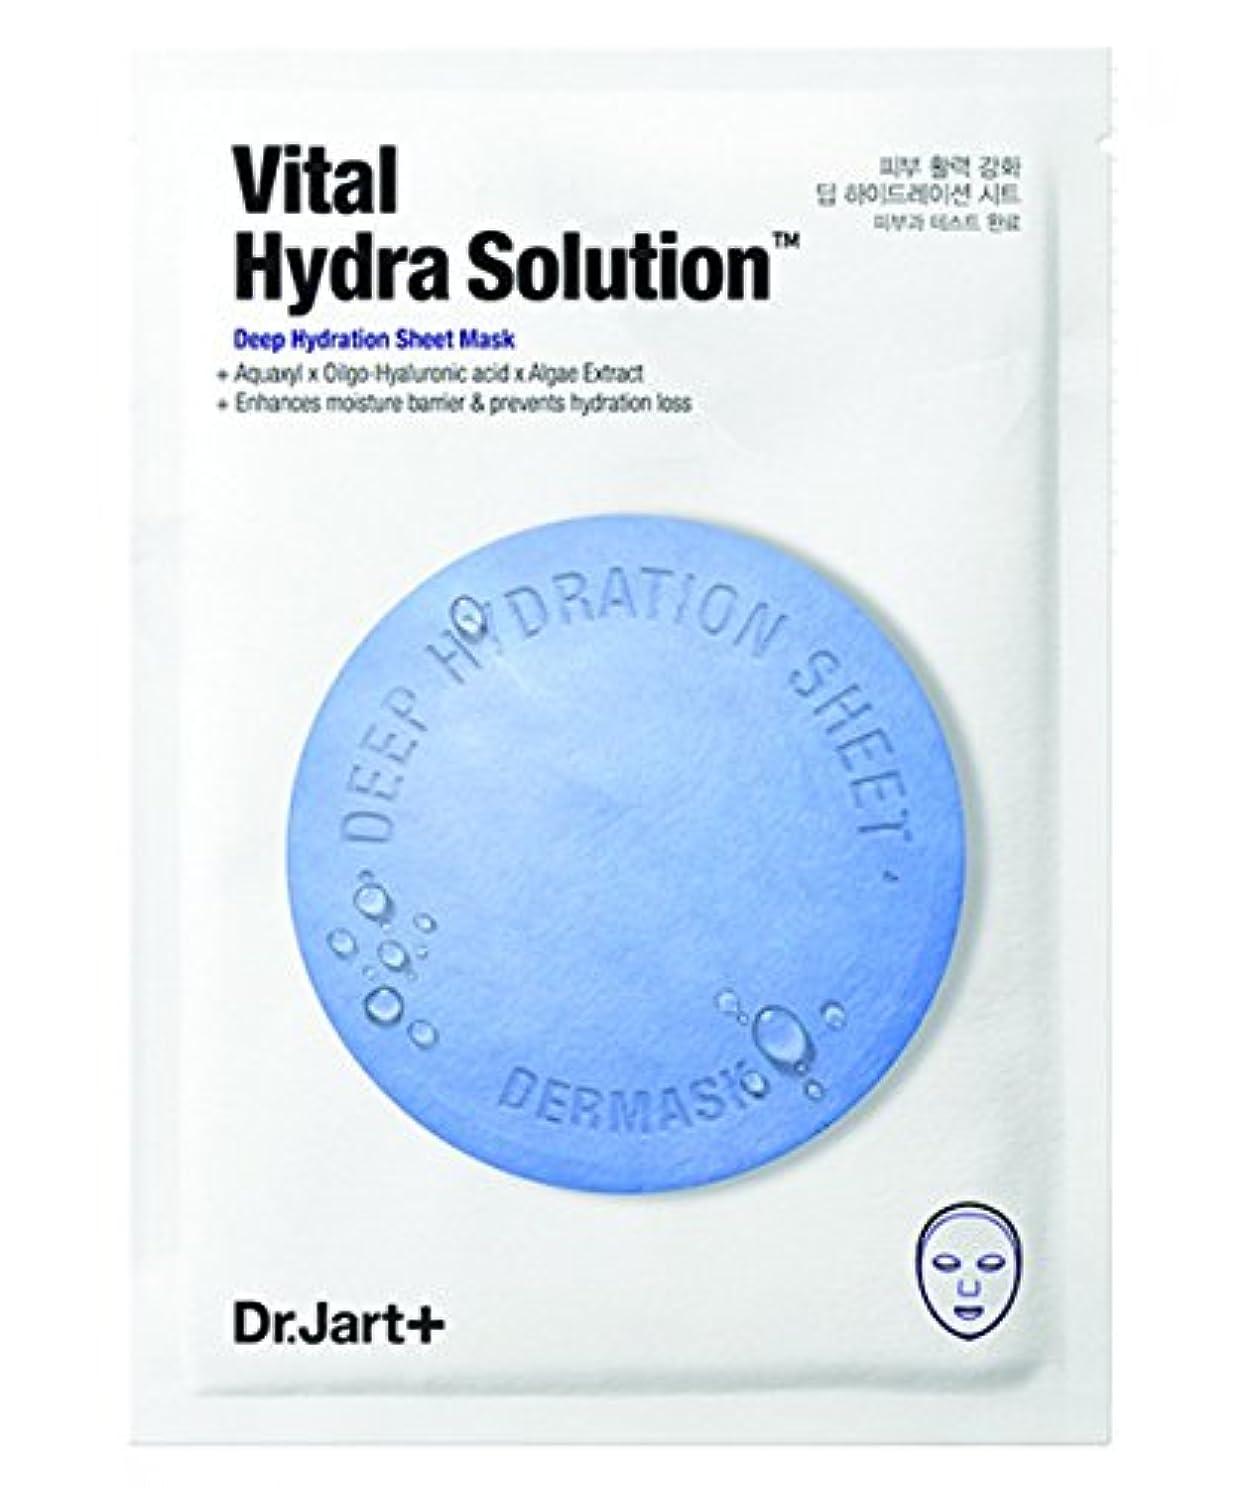 教科書少年低いDr.Jart+ Dermask Vital Hydra Solution Deep Hydration Sheet Mask (25g × 5ea)/ドクタージャルト ダーマスク バイタル ハイドラ ソリューション ディープ...